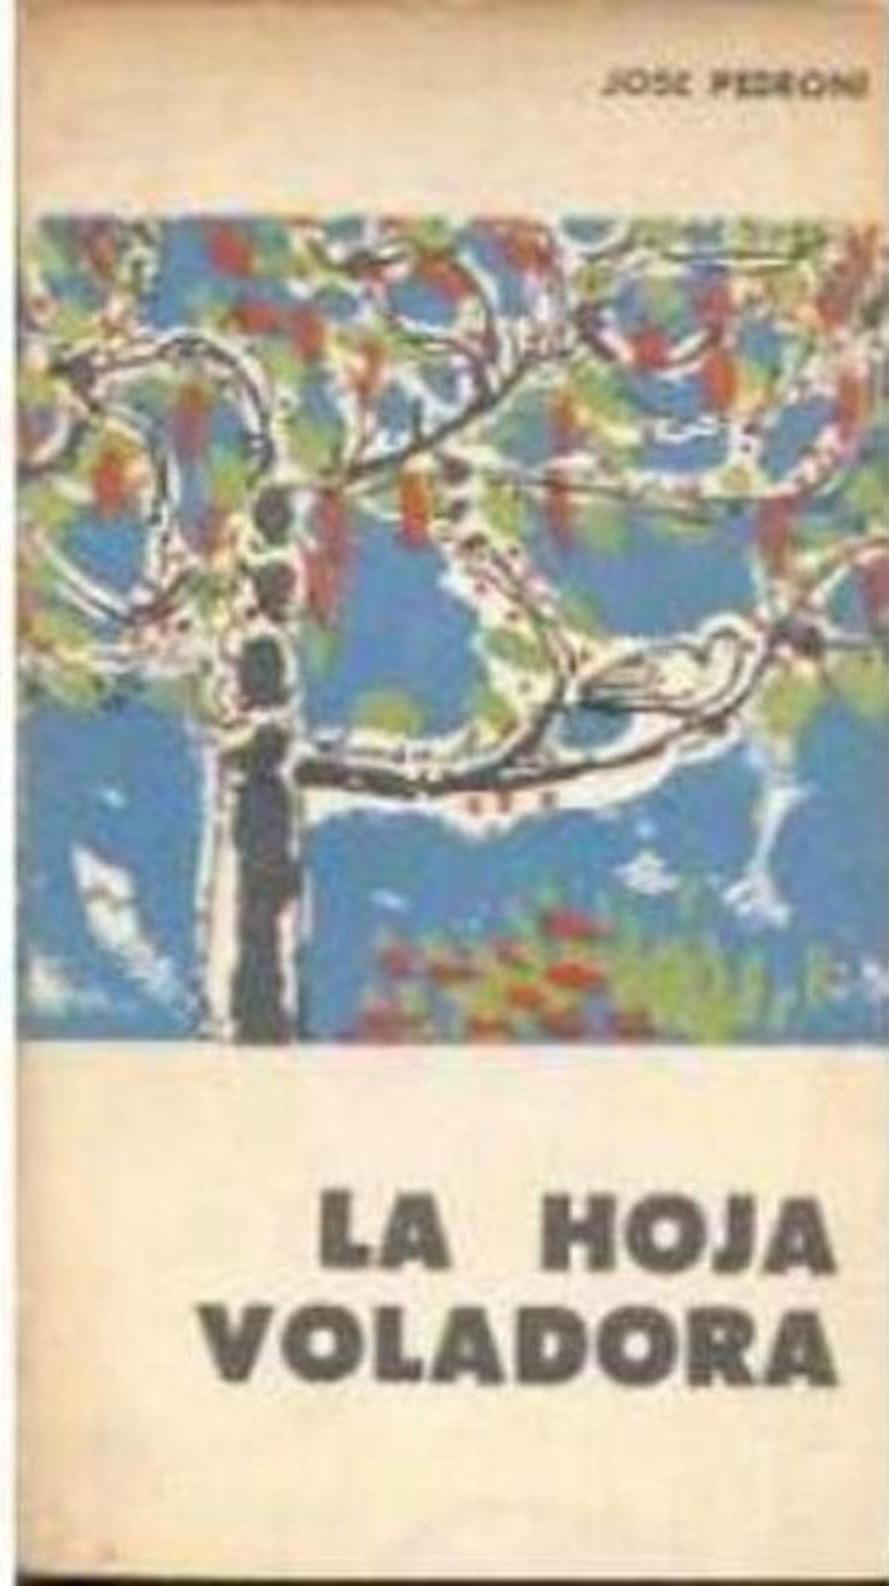 Jose pedroni libro 10 la hoja voladora 1961 for Cama voladora